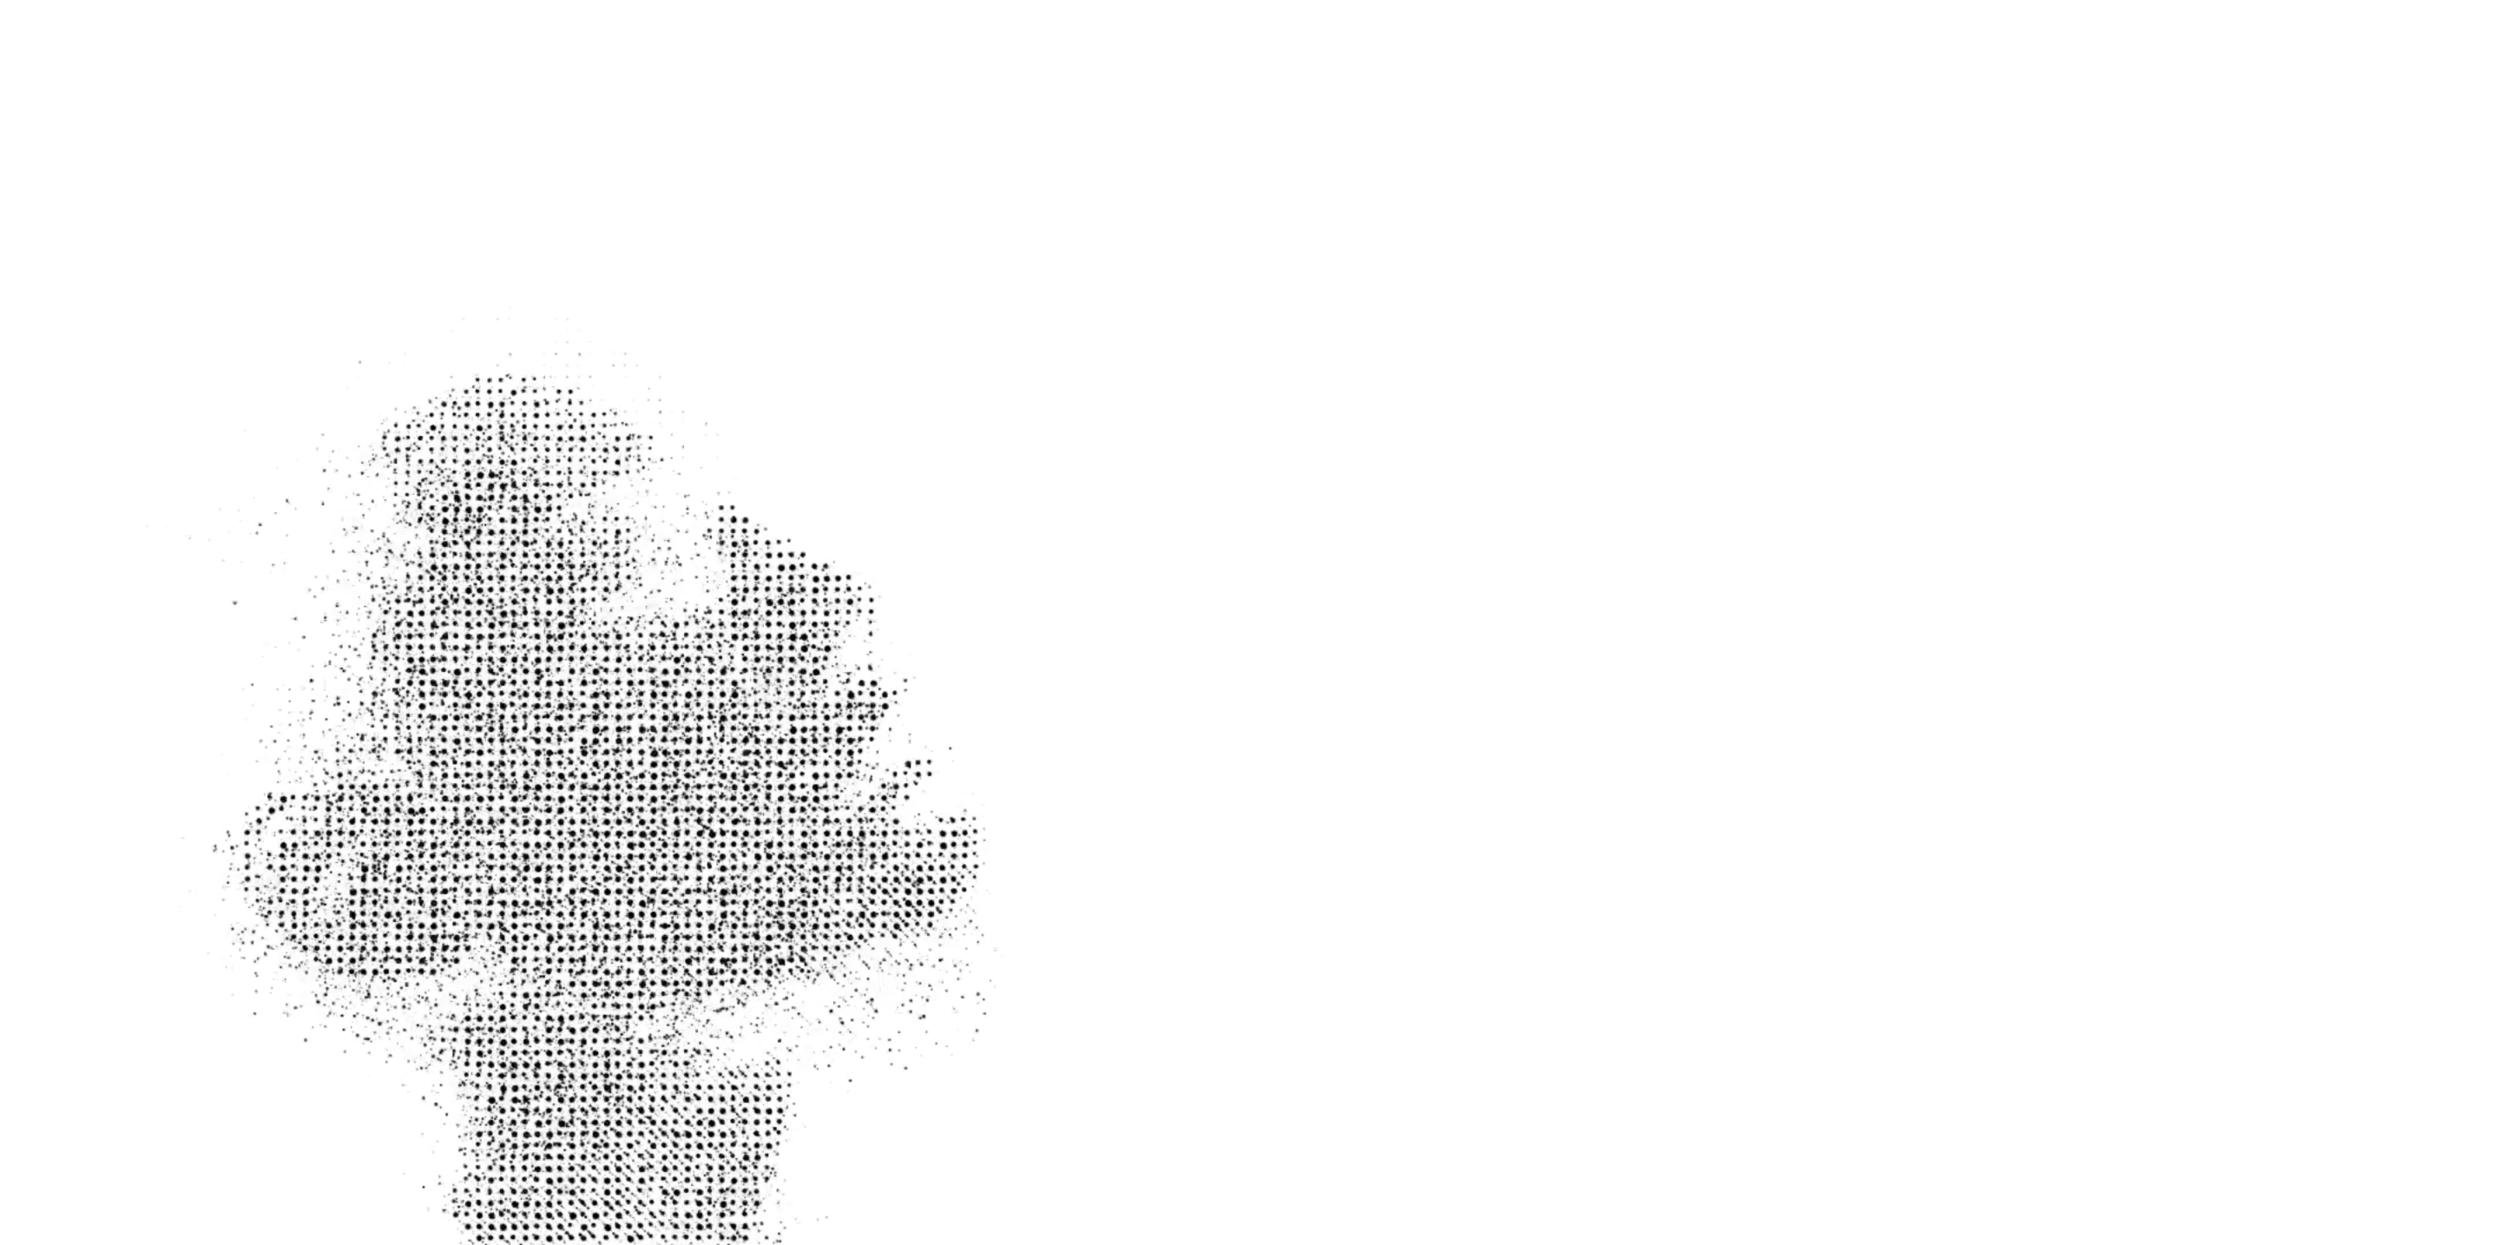 Screen Shot 2018-04-15 at 6.58.49 PM.png